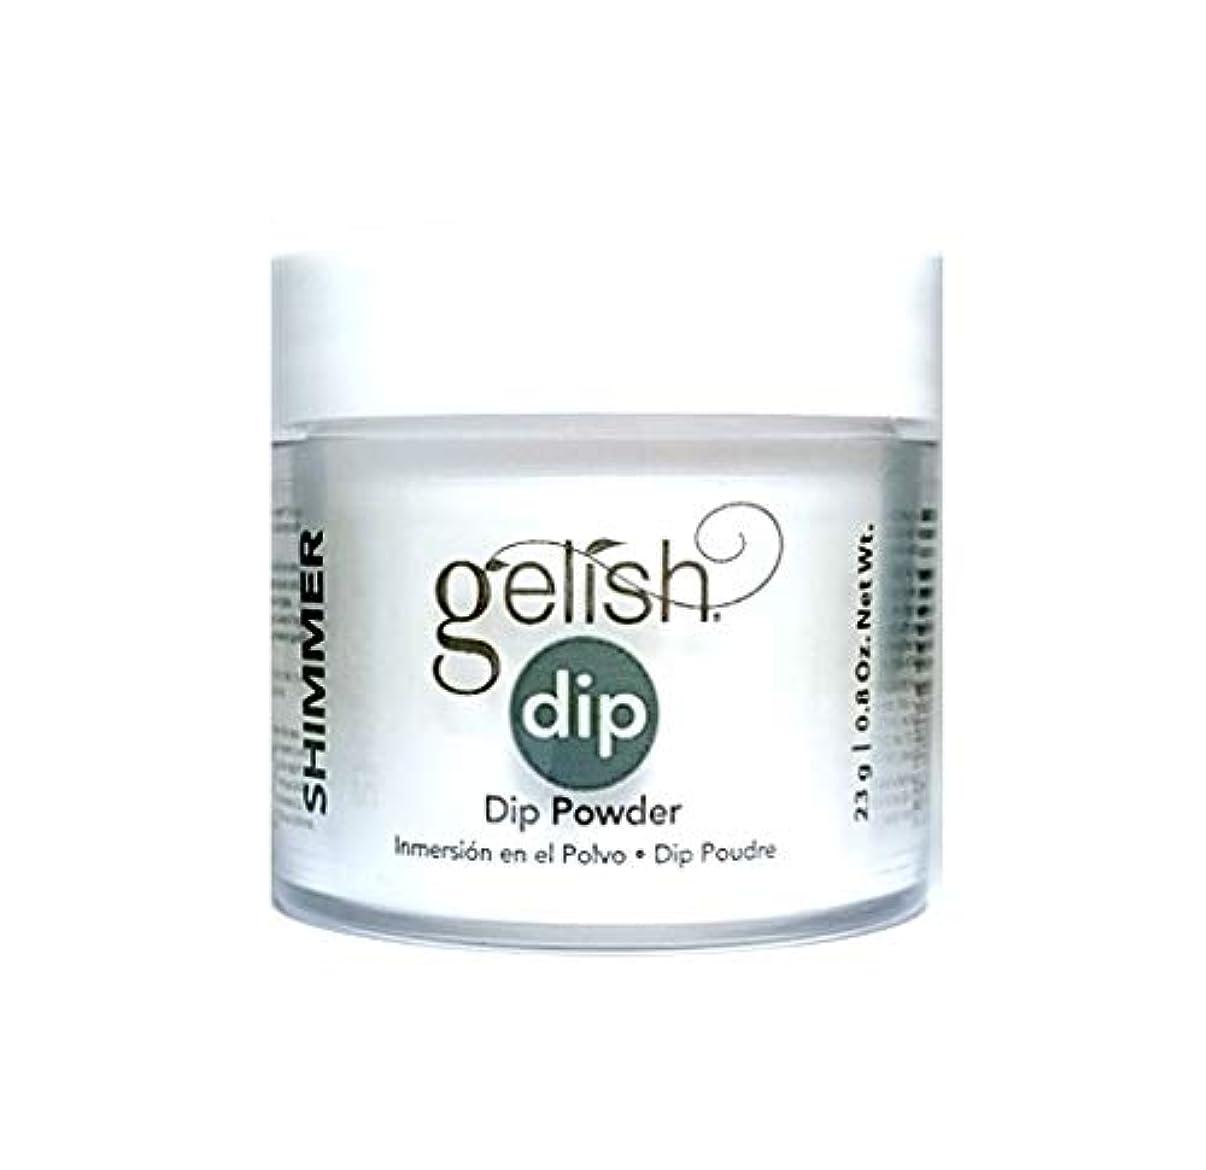 貯水池バターボイコットHarmony Gelish - Dip Powder - Izzy Wizzy, Let's Get Busy - 23g / 0.8oz